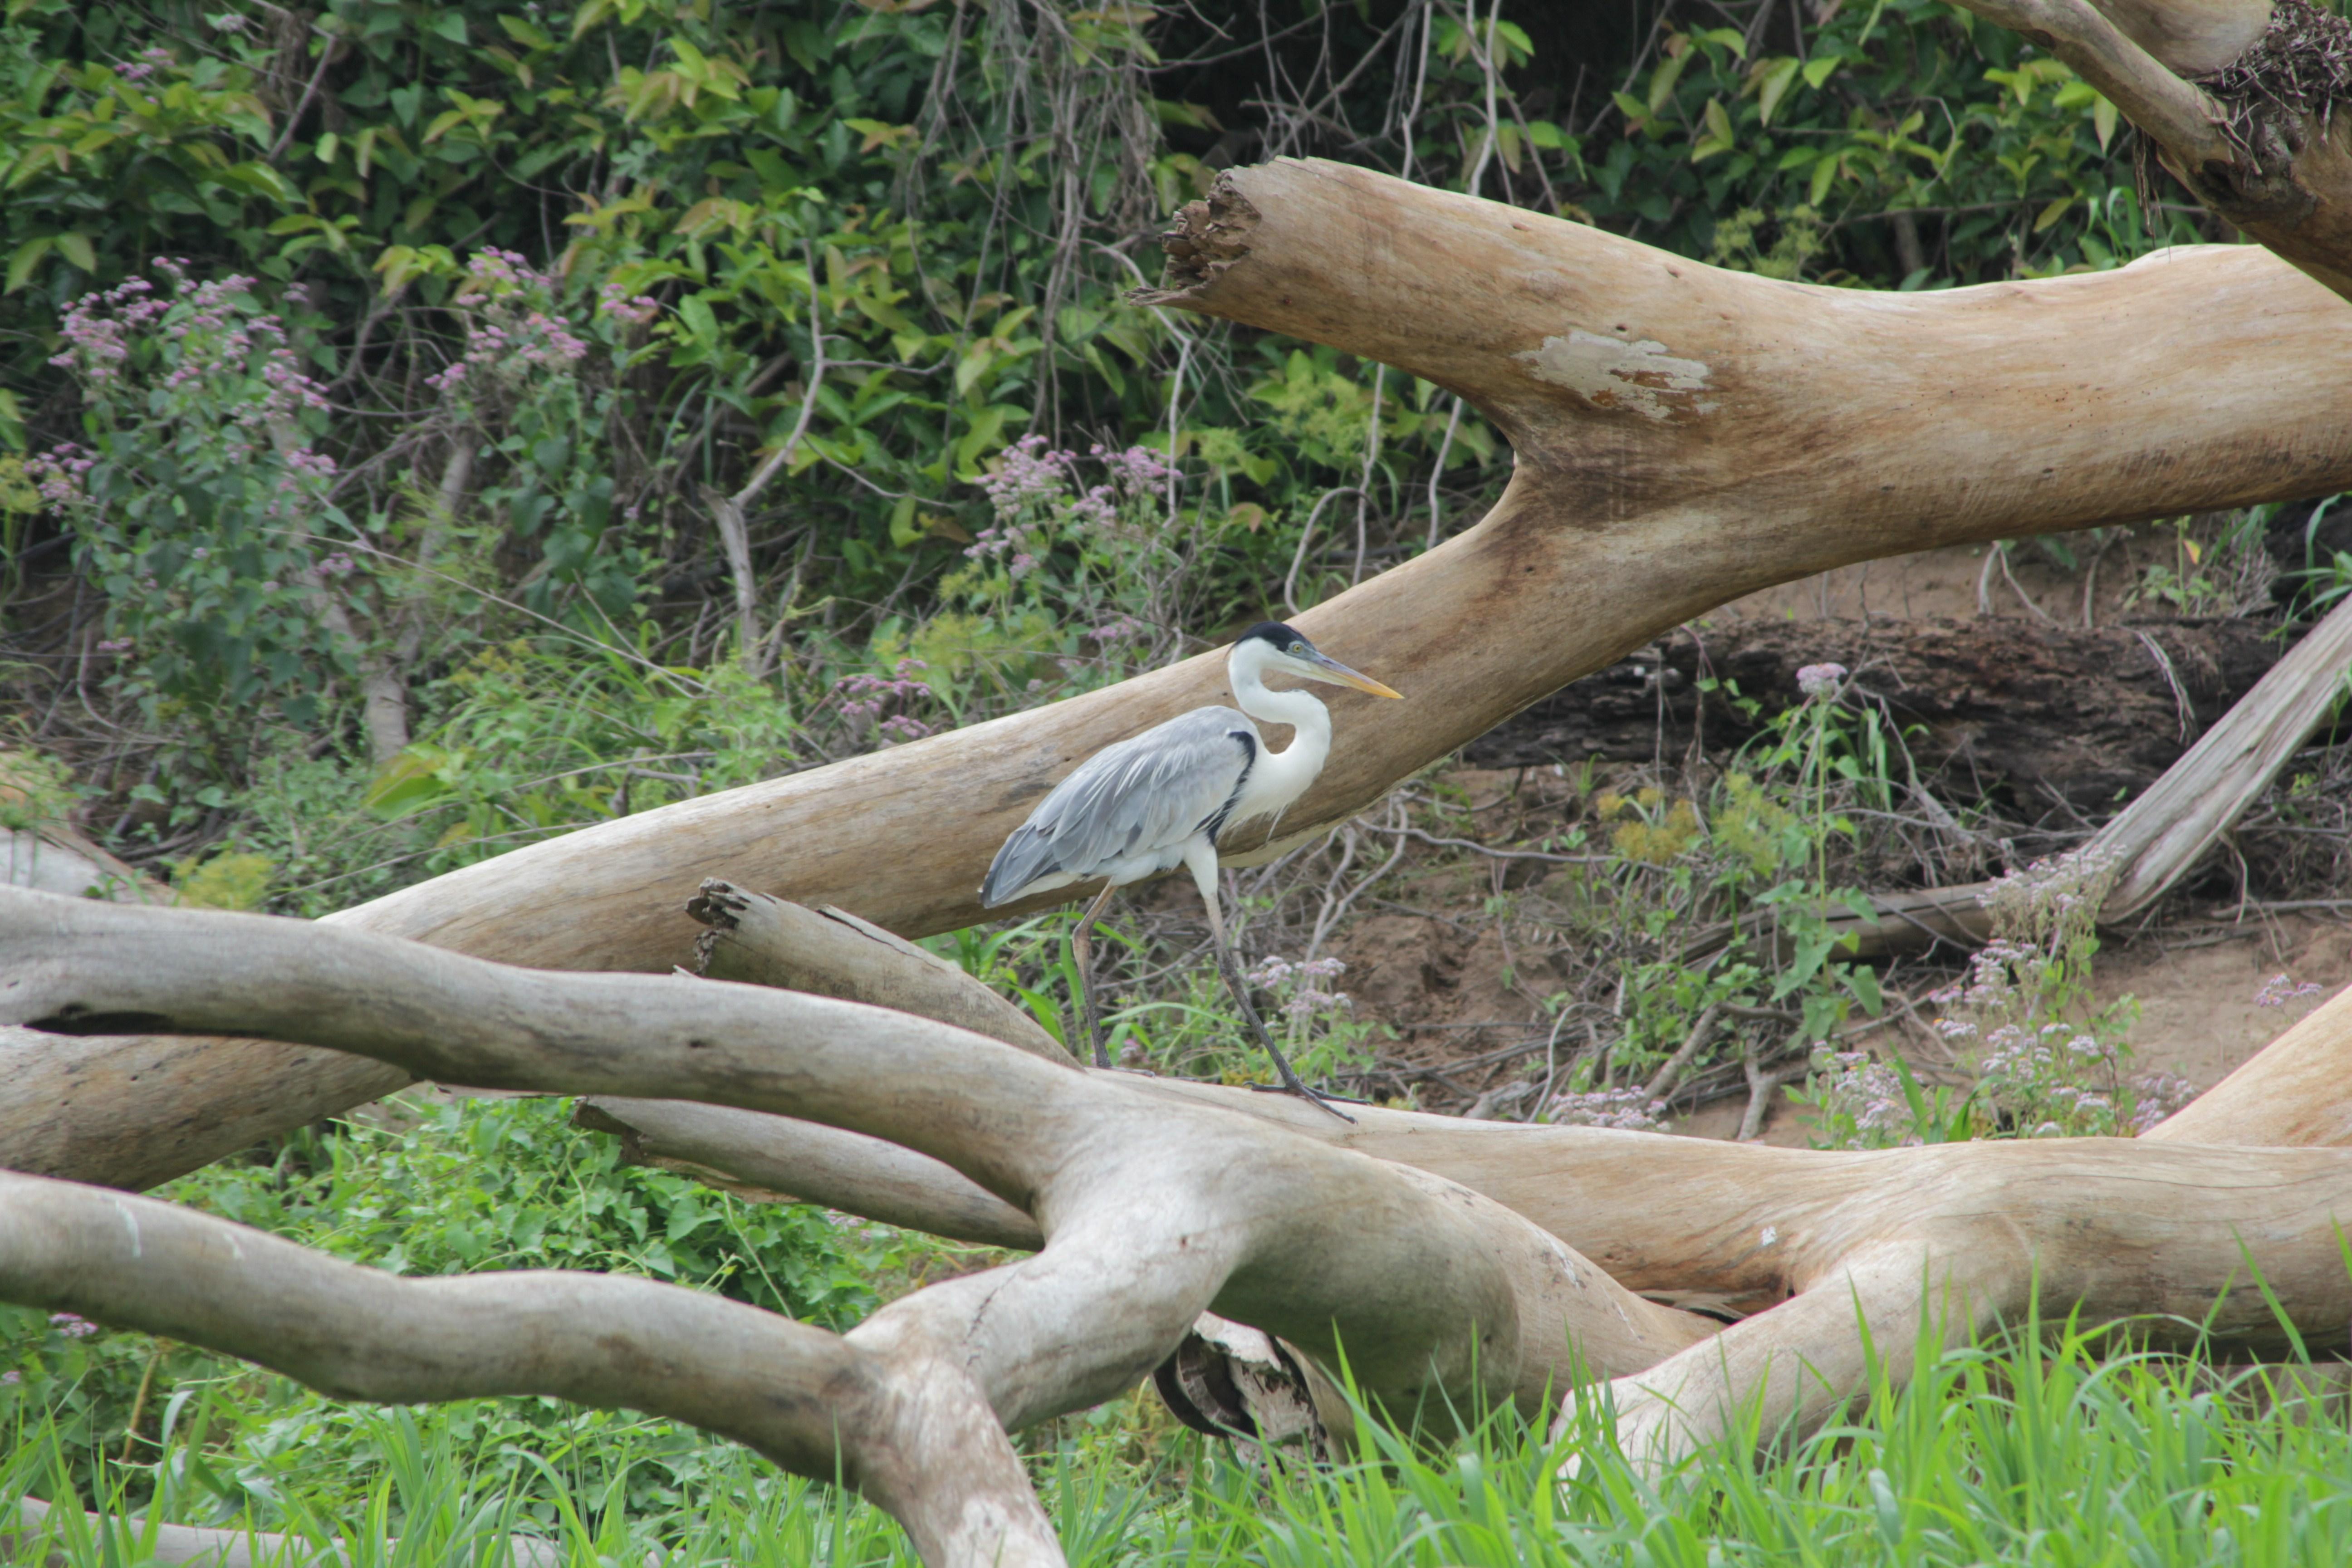 Le héron, une des nombreuses espèces visibles sur les bords de la rivière Ibaré, près de Trinidad, Amazonie (©Aurélie Bacheley).